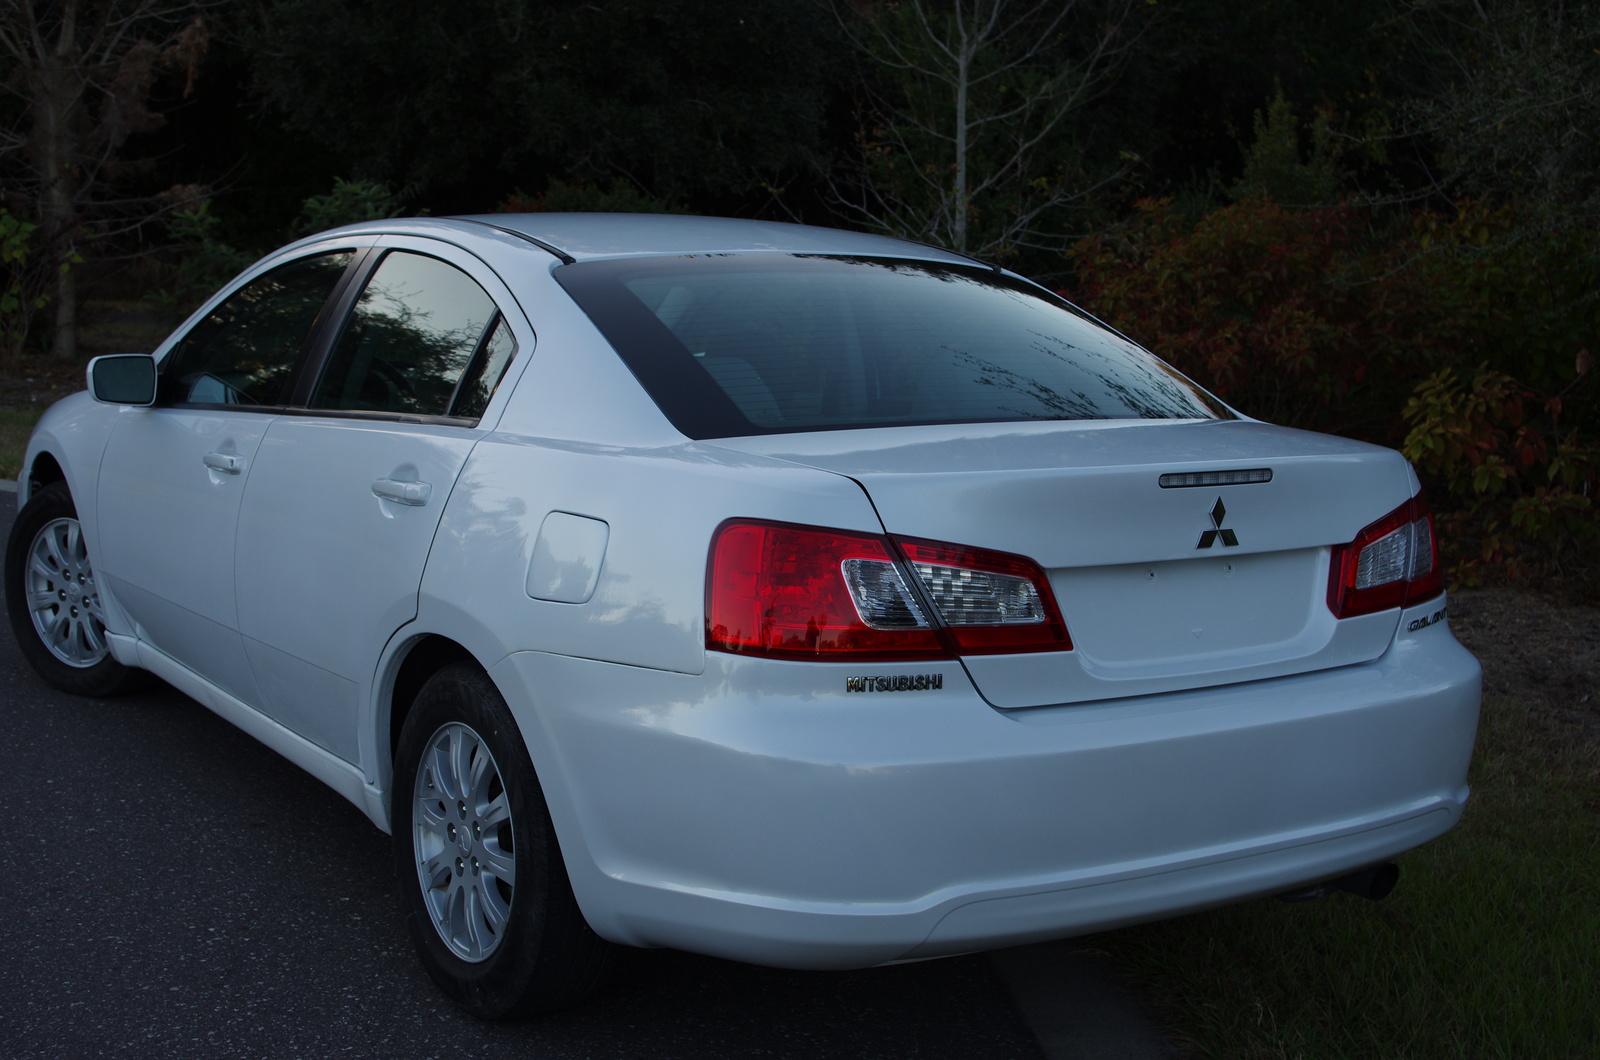 2011 Mitsubishi Galant - Exterior Pictures - CarGurus